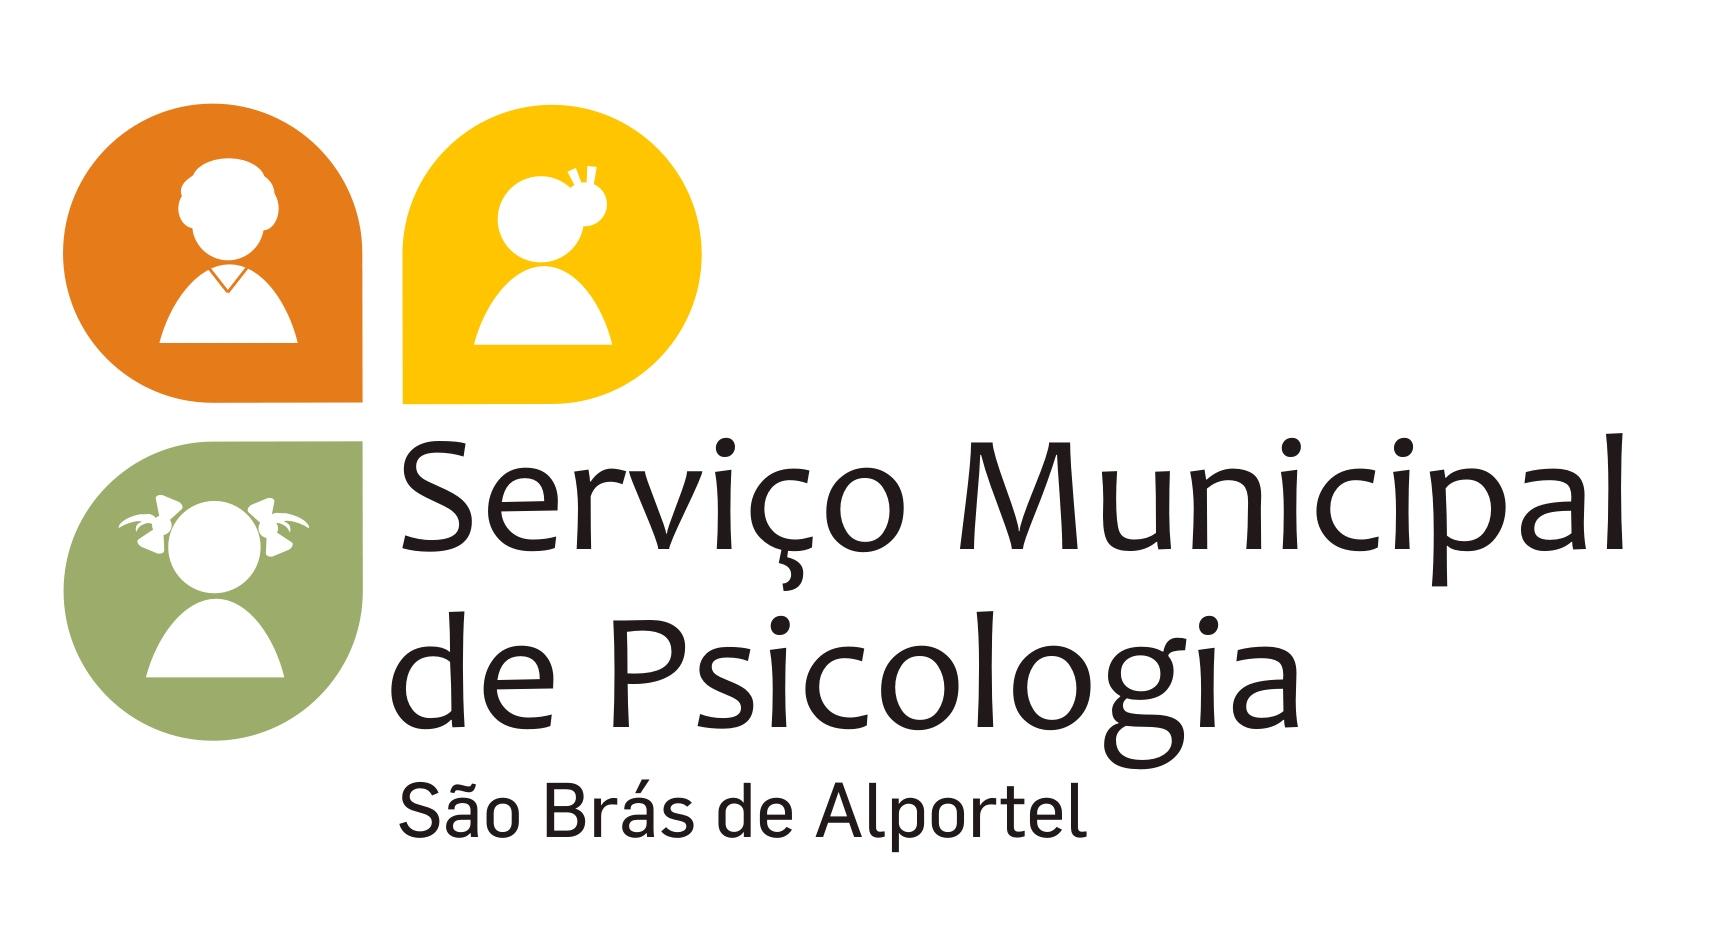 Serviço Municipal de Psicologia